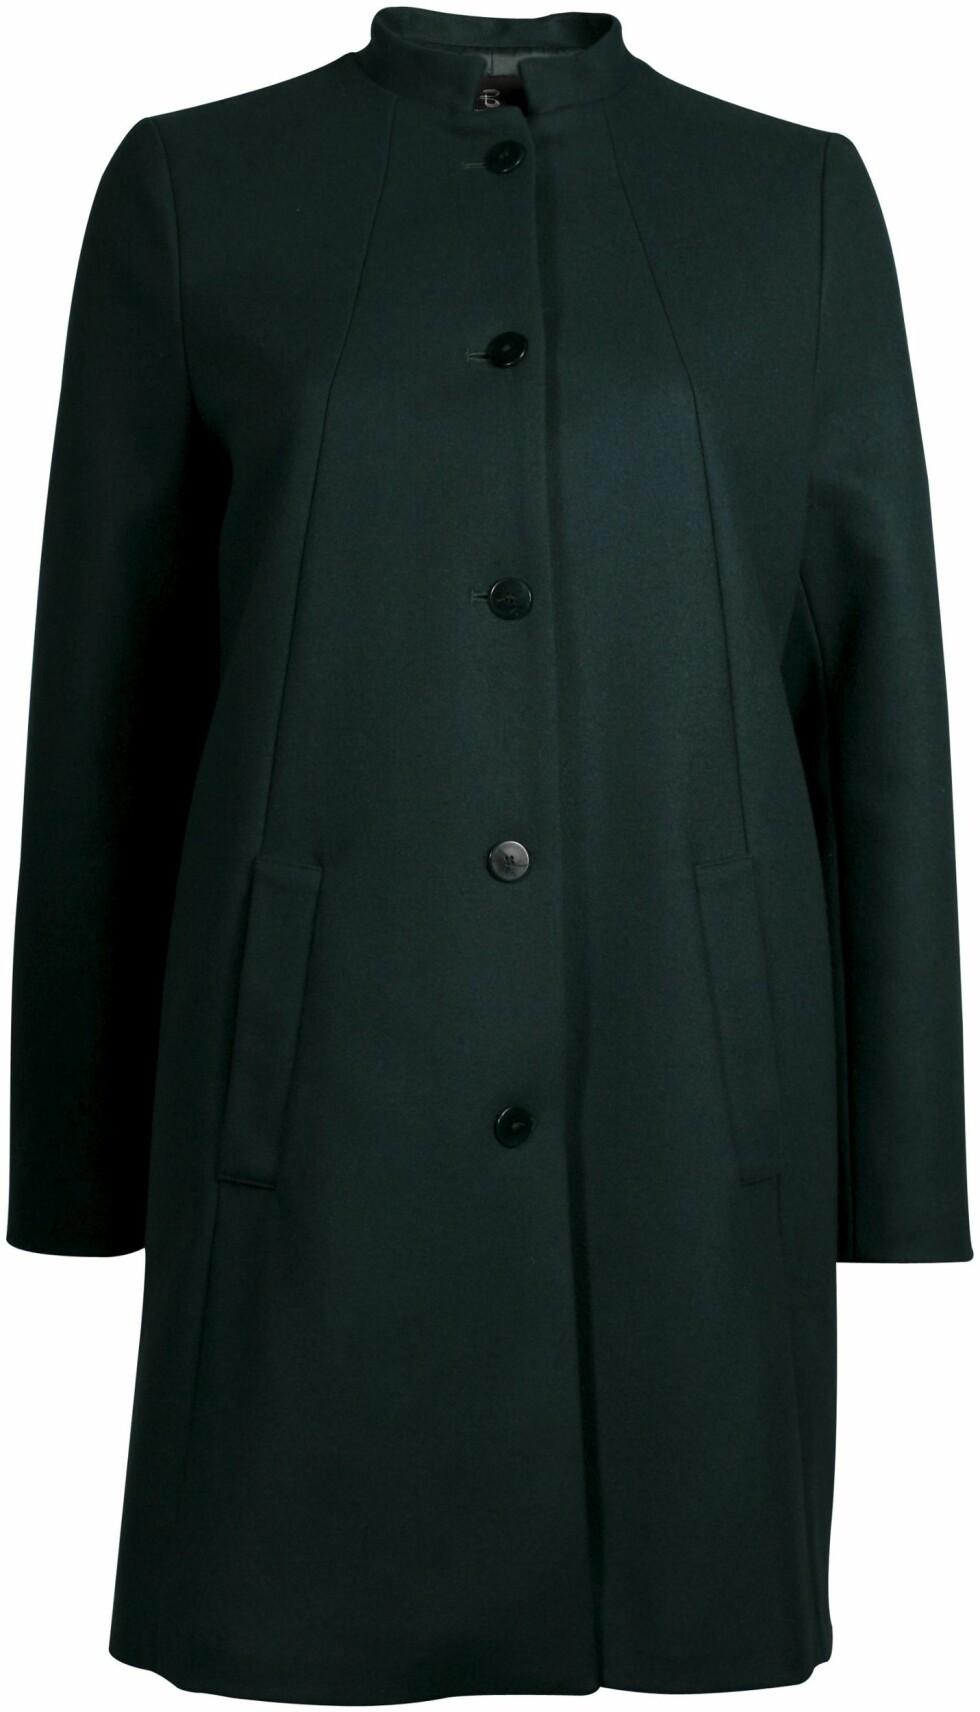 Mørkegrønn (kr 3200, Bruuns Bazaar). Foto: Produsenten